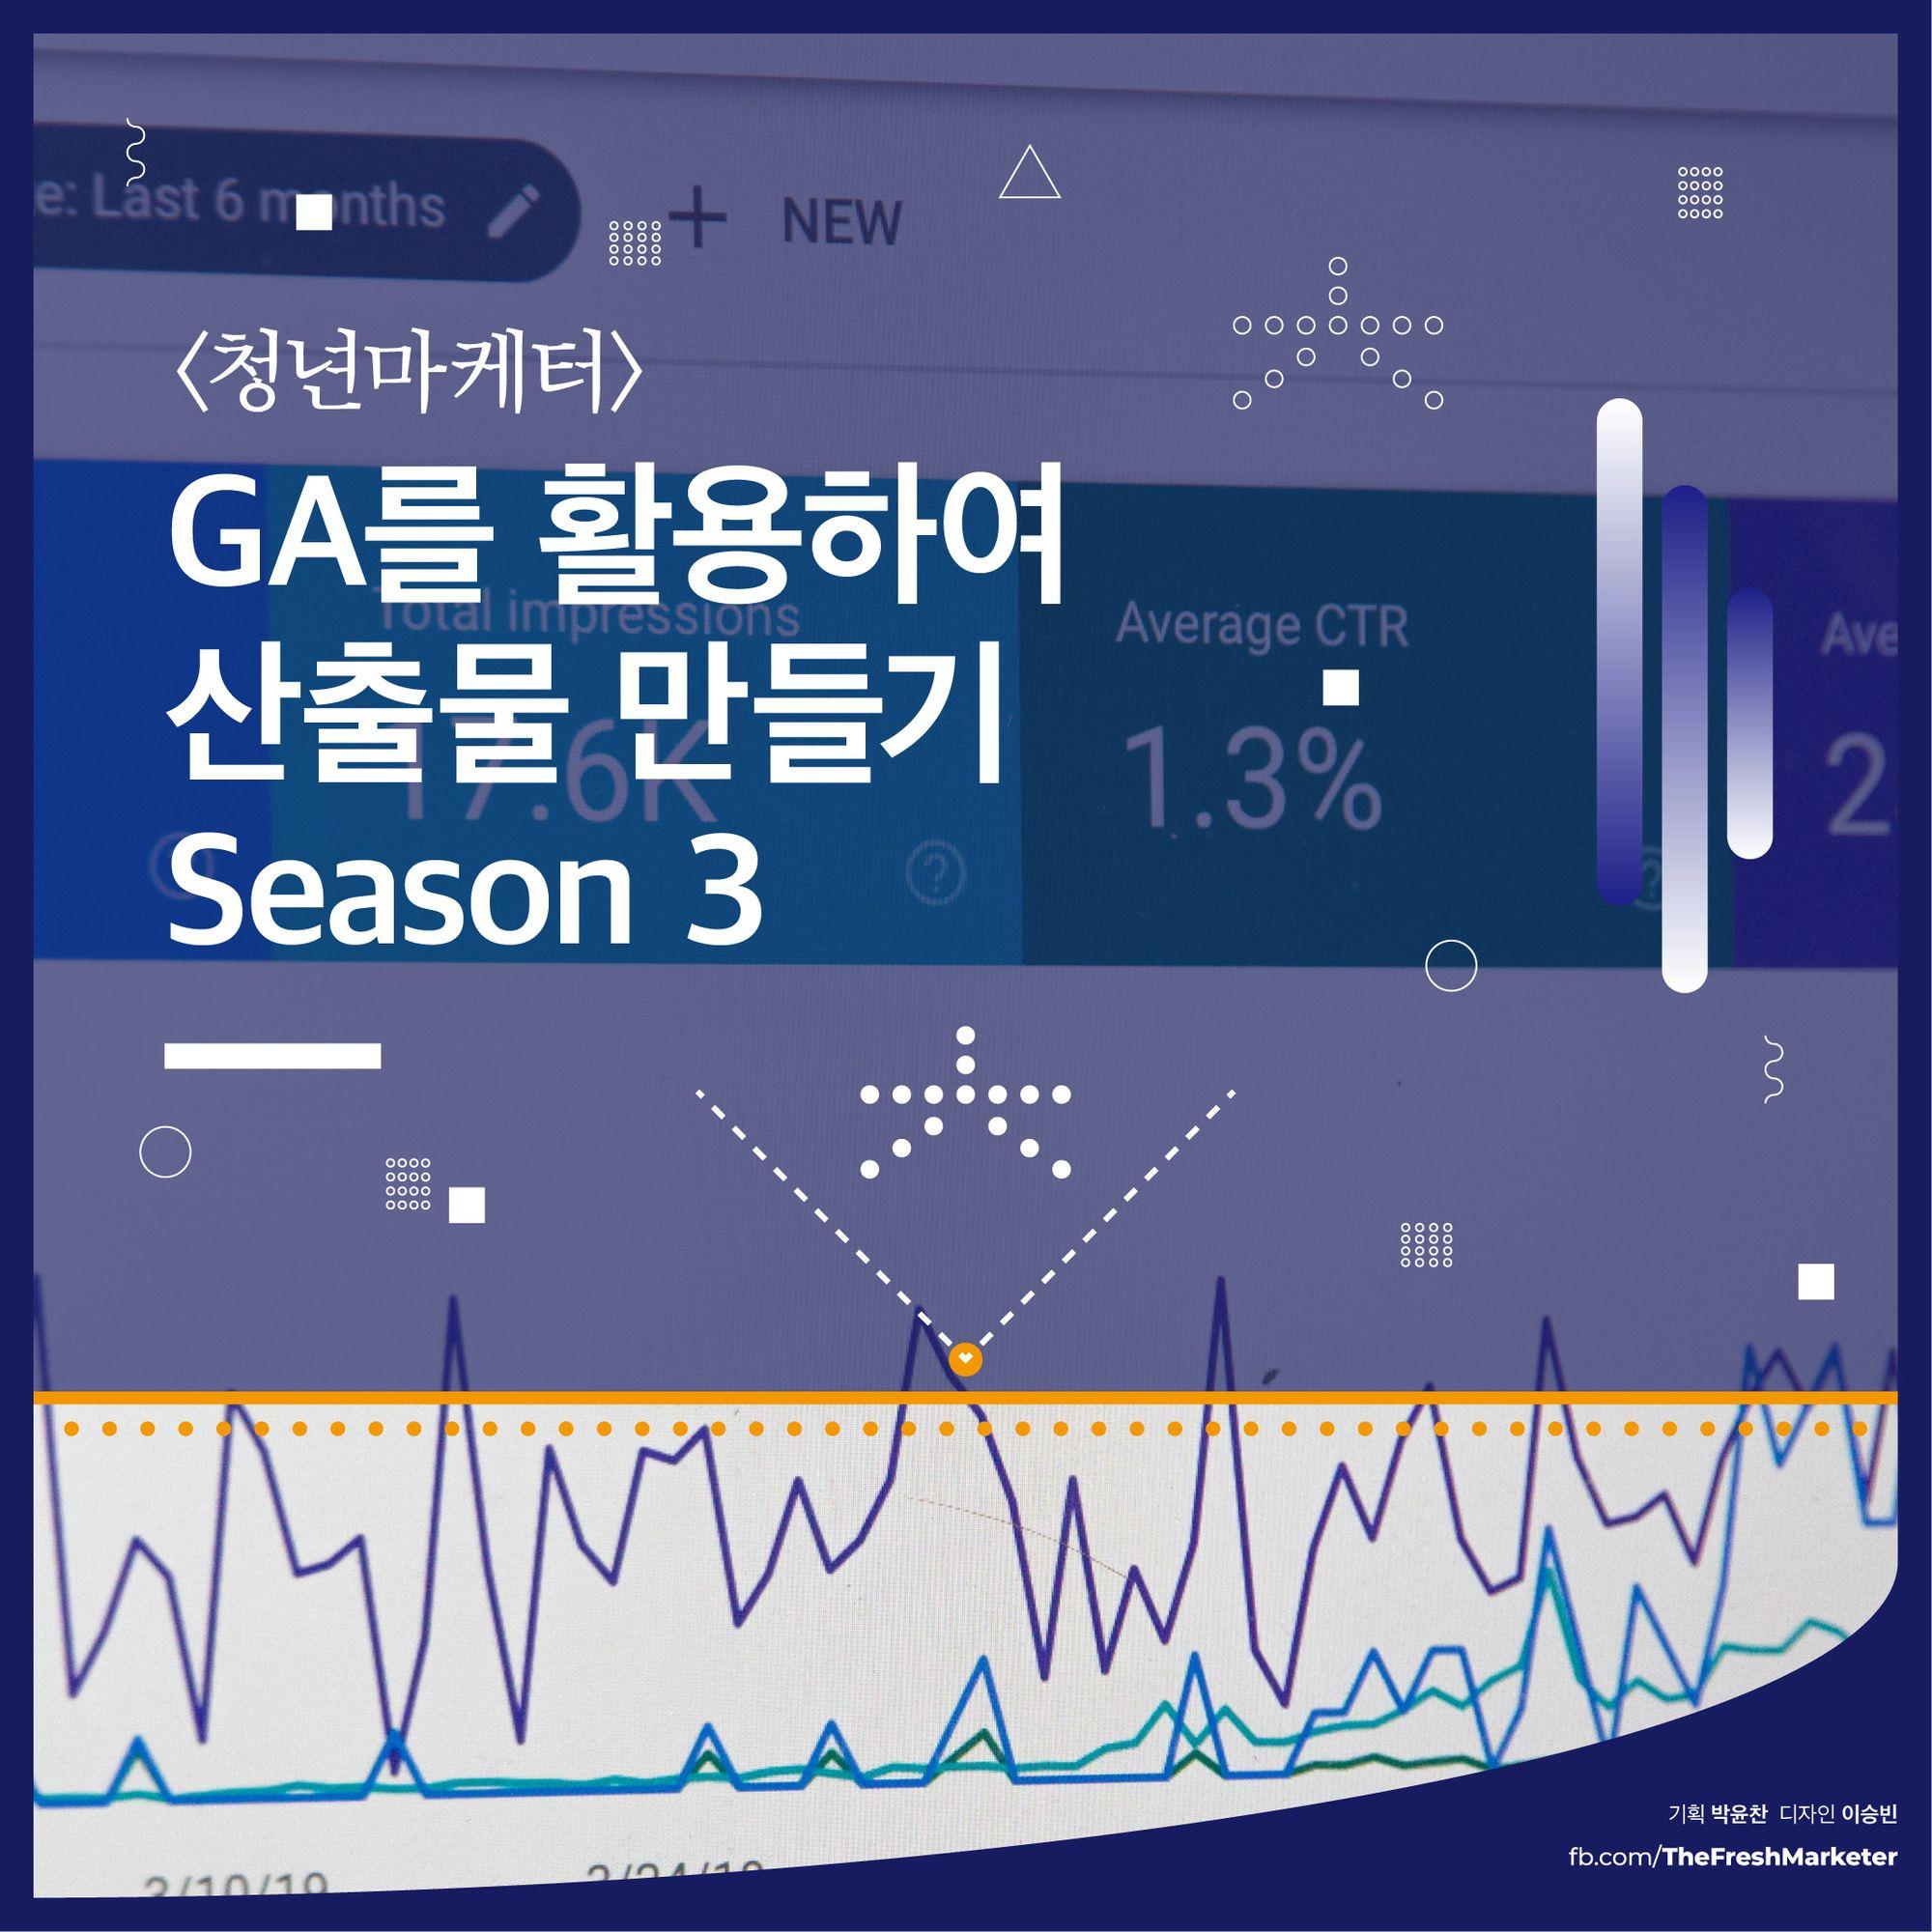 GA_season.3_(1).jpg